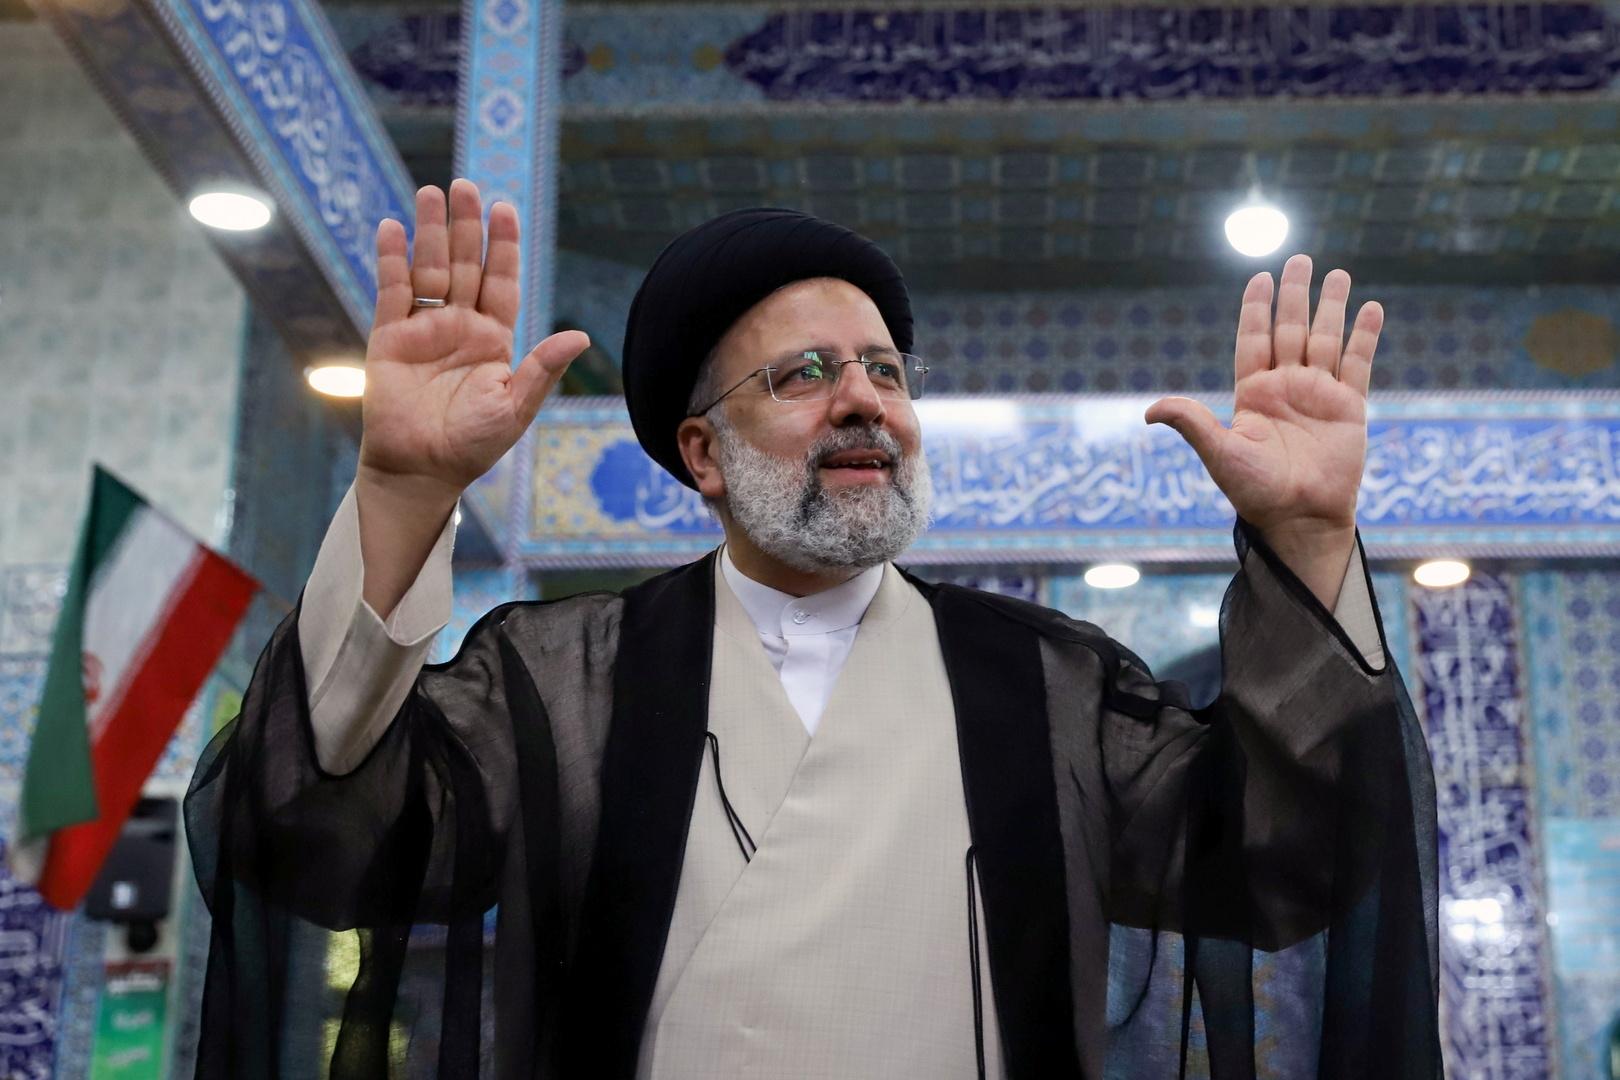 الخارجية السعودية: سنحكم على رئيس إيران المنتخب من خلال الوقائع على الأرض